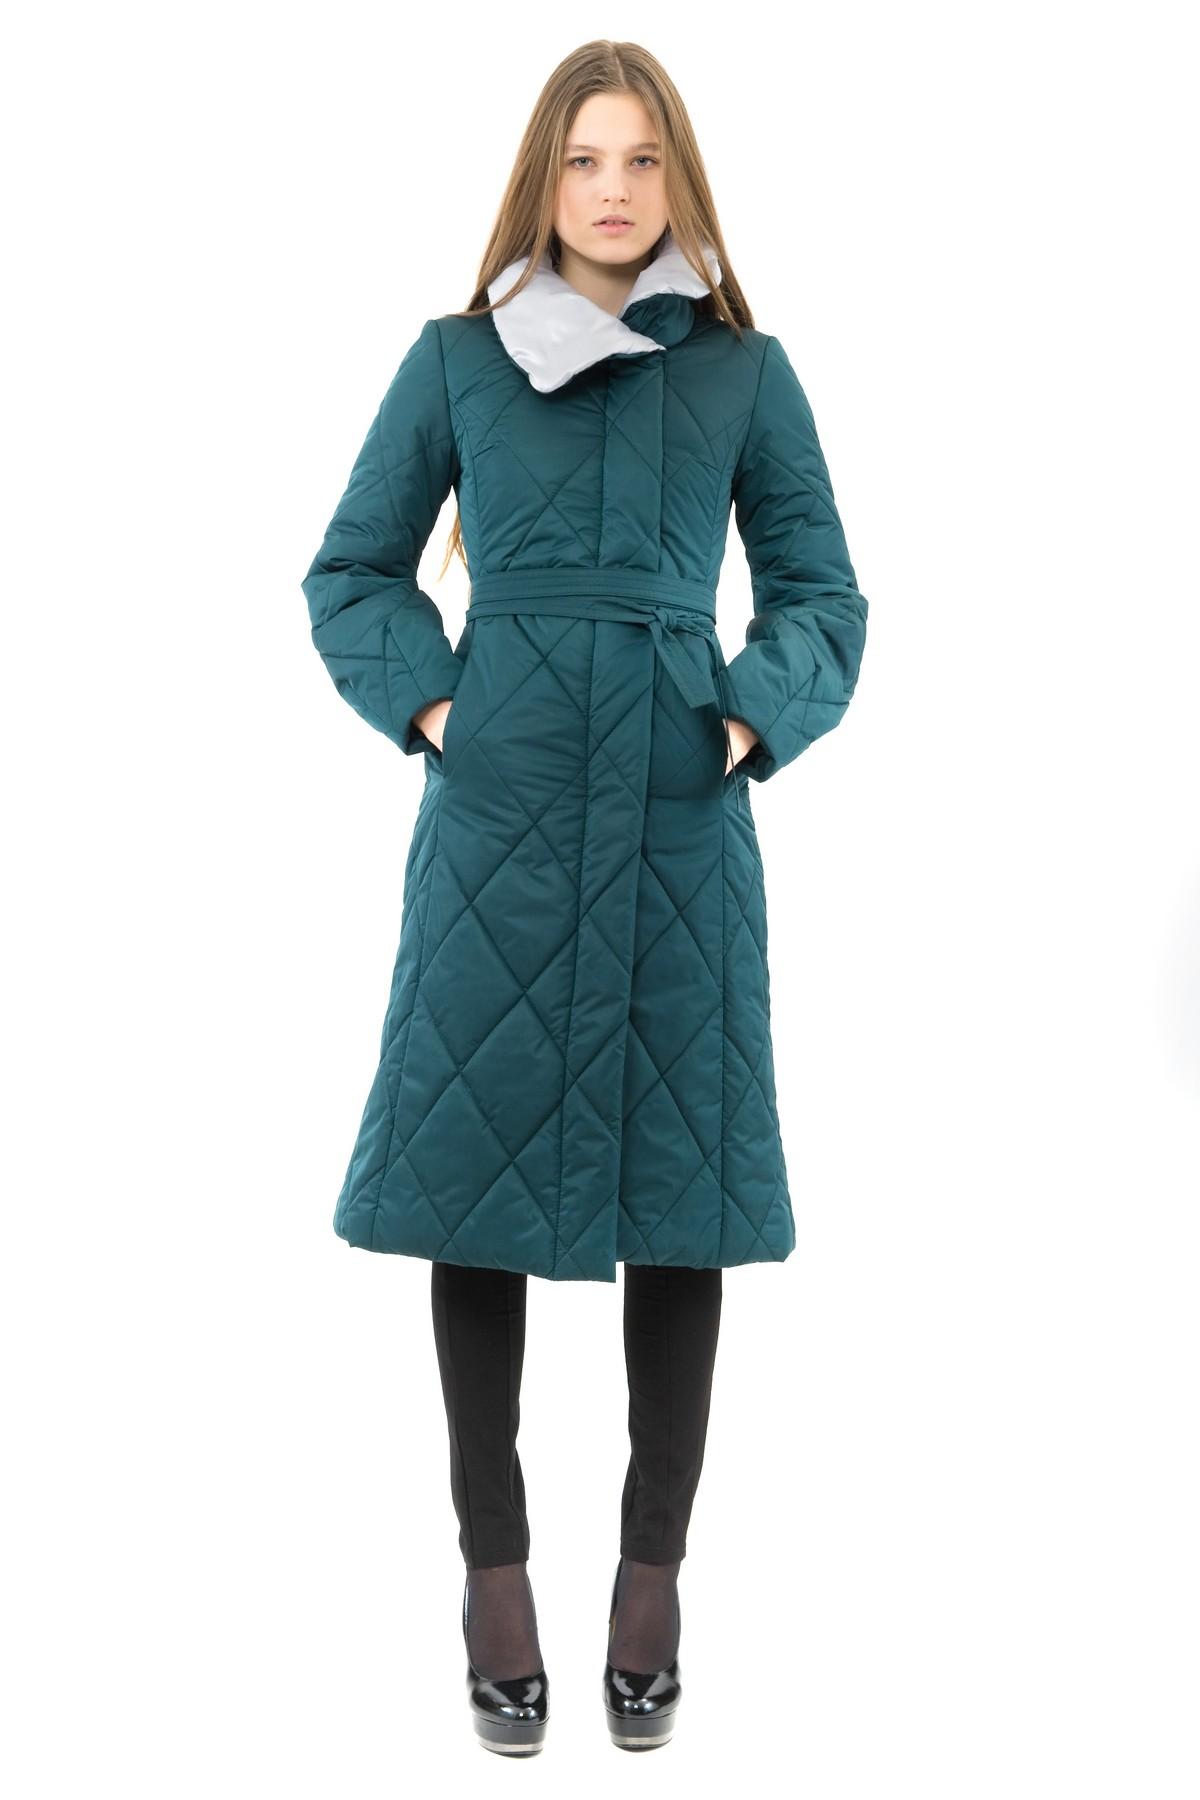 ПальтоЖенские куртки, плащи, пальто<br>Восхитительный вариант для тех, кто предпочитает стильные решения - элегантное пальто сдержанного модного дизайна, который подчеркнет Ваш безупречный вкус. Прекрасный вариант для создания элегантного образа.<br><br>Цвет: зеленый,серый<br>Состав: 100% полиэстер: подкладка - 100% полиэстер<br>Размер: 42<br>Страна дизайна: Россия<br>Страна производства: Россия